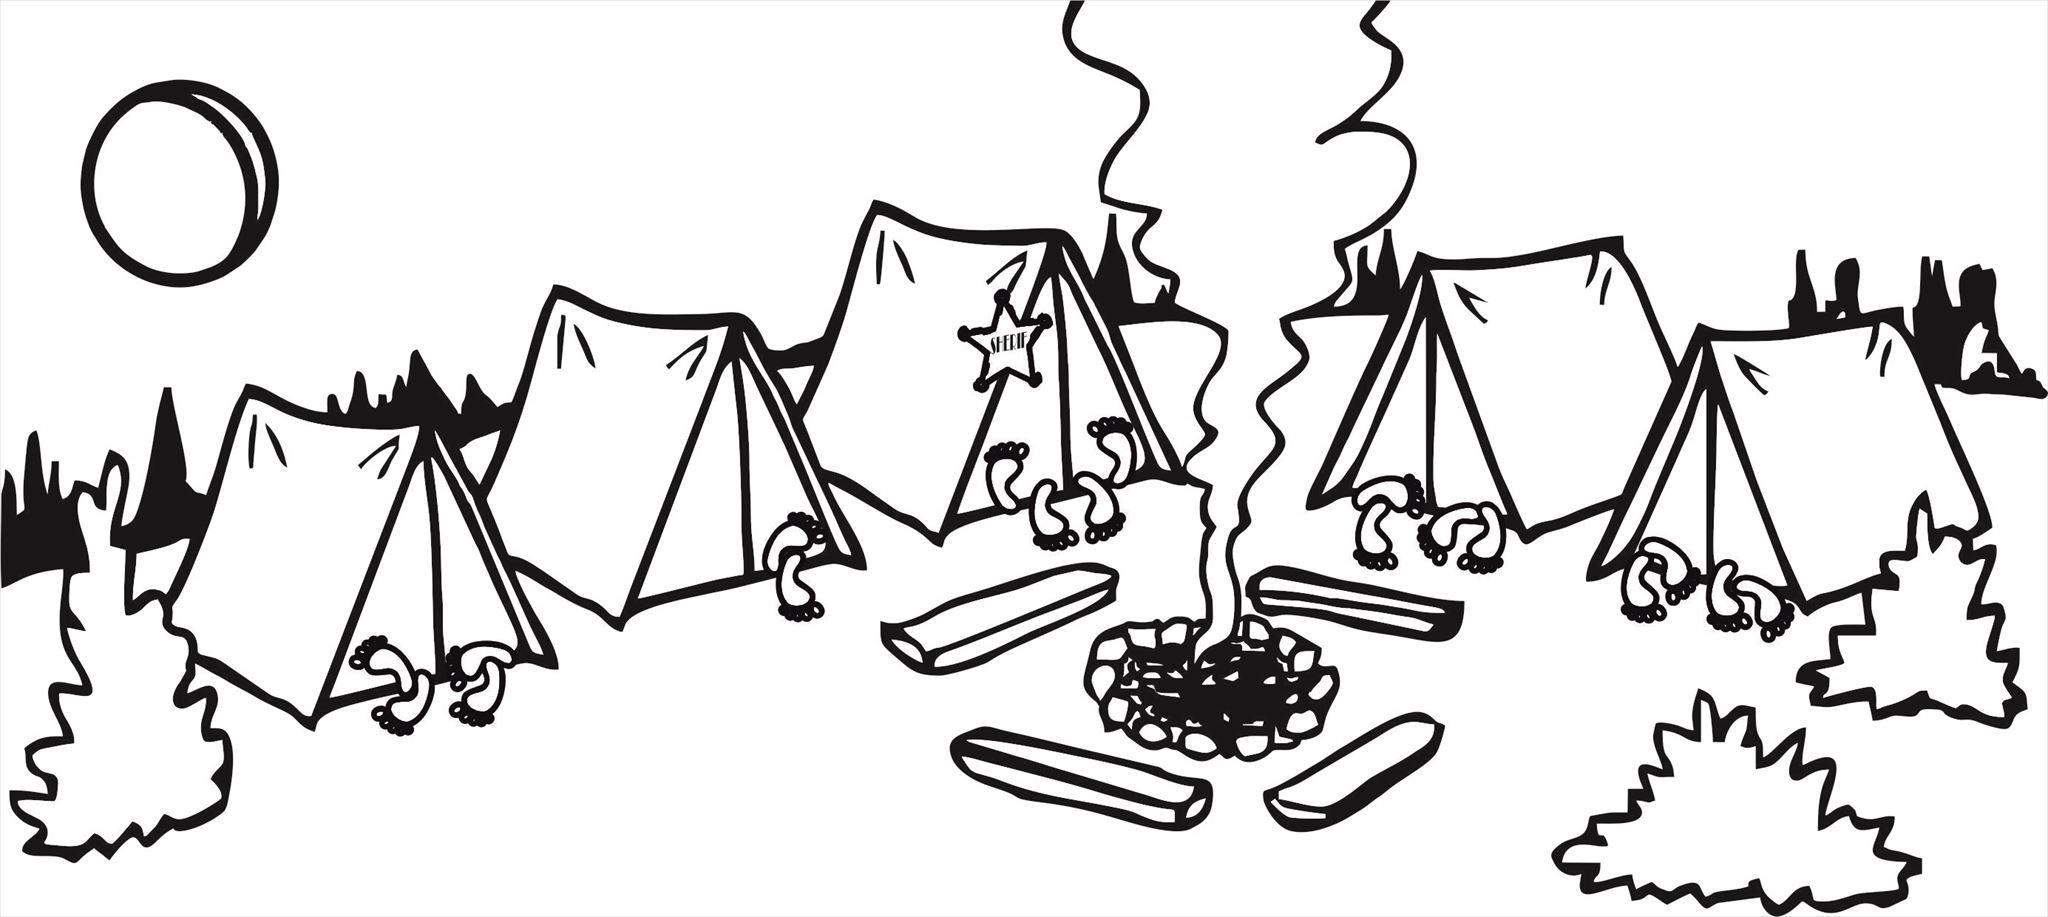 картинка про лагерь рисунок палатки съемок кино джастис